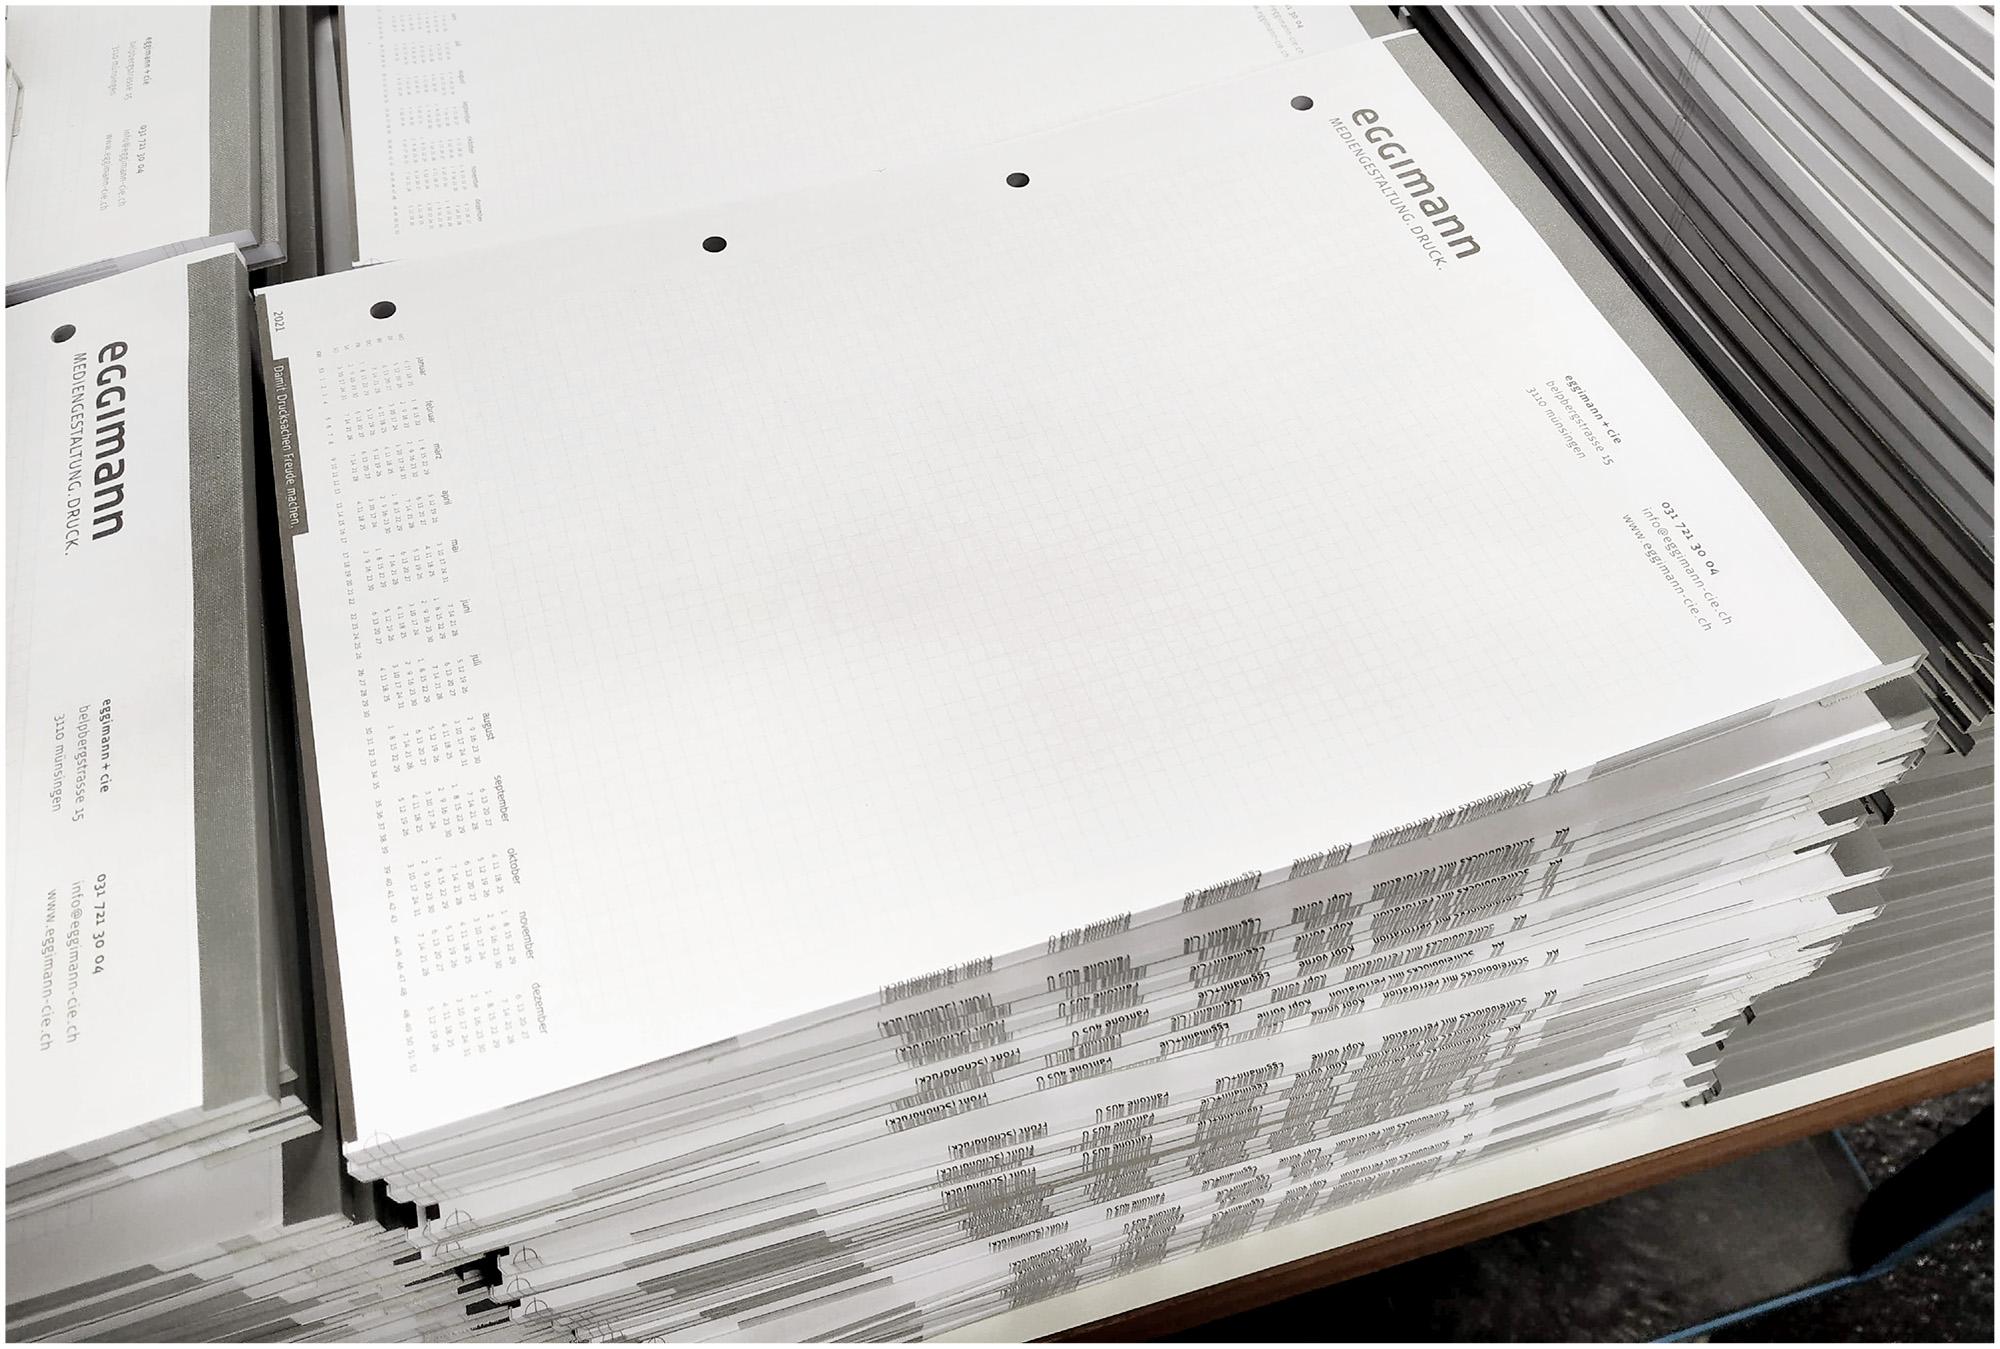 Zuschnitt der Schreibblocks A4 auf das Fertigformat